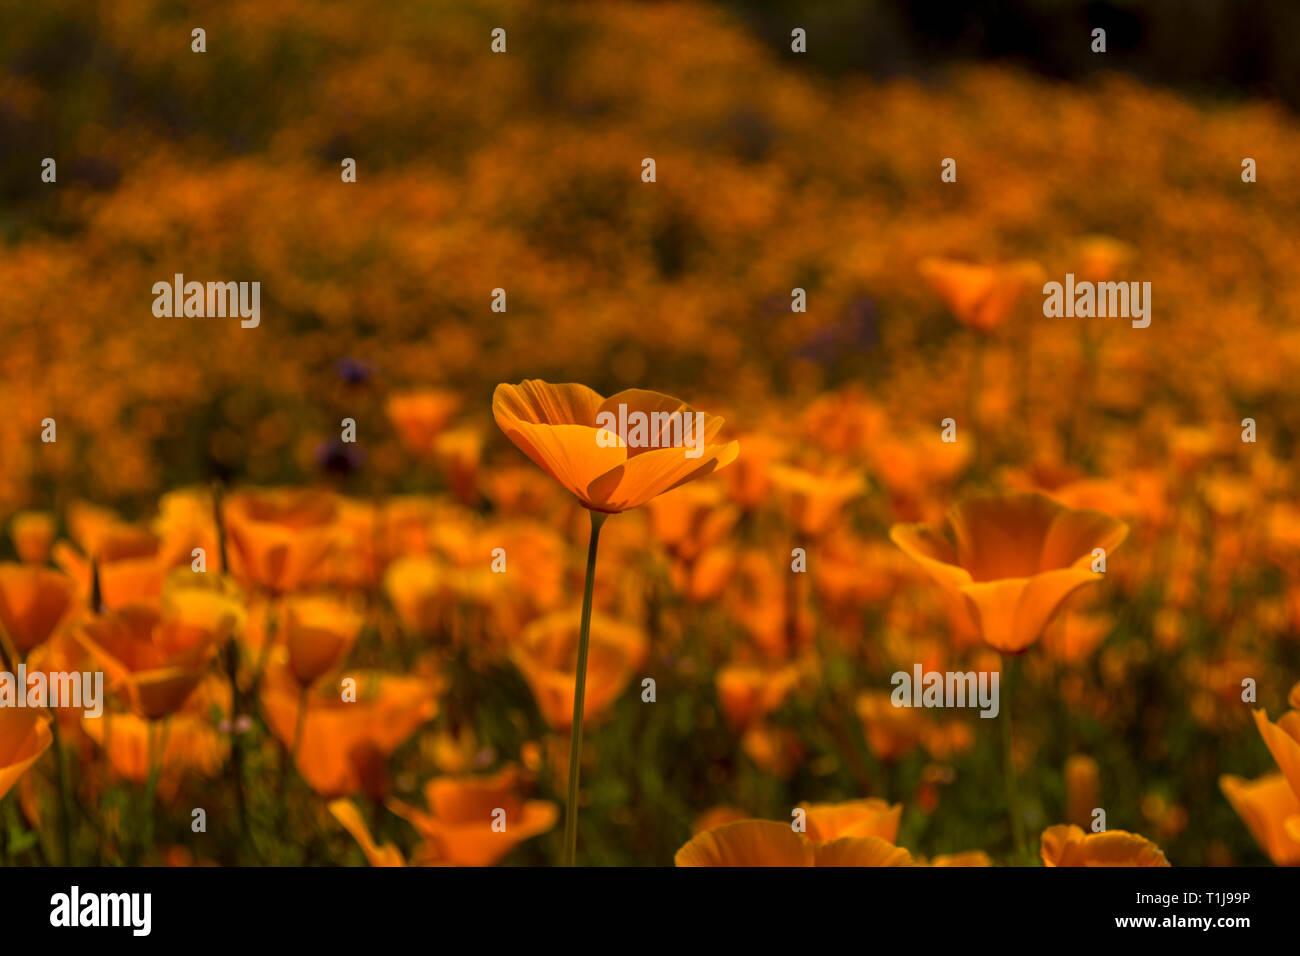 Tall Poppy - Stock Image